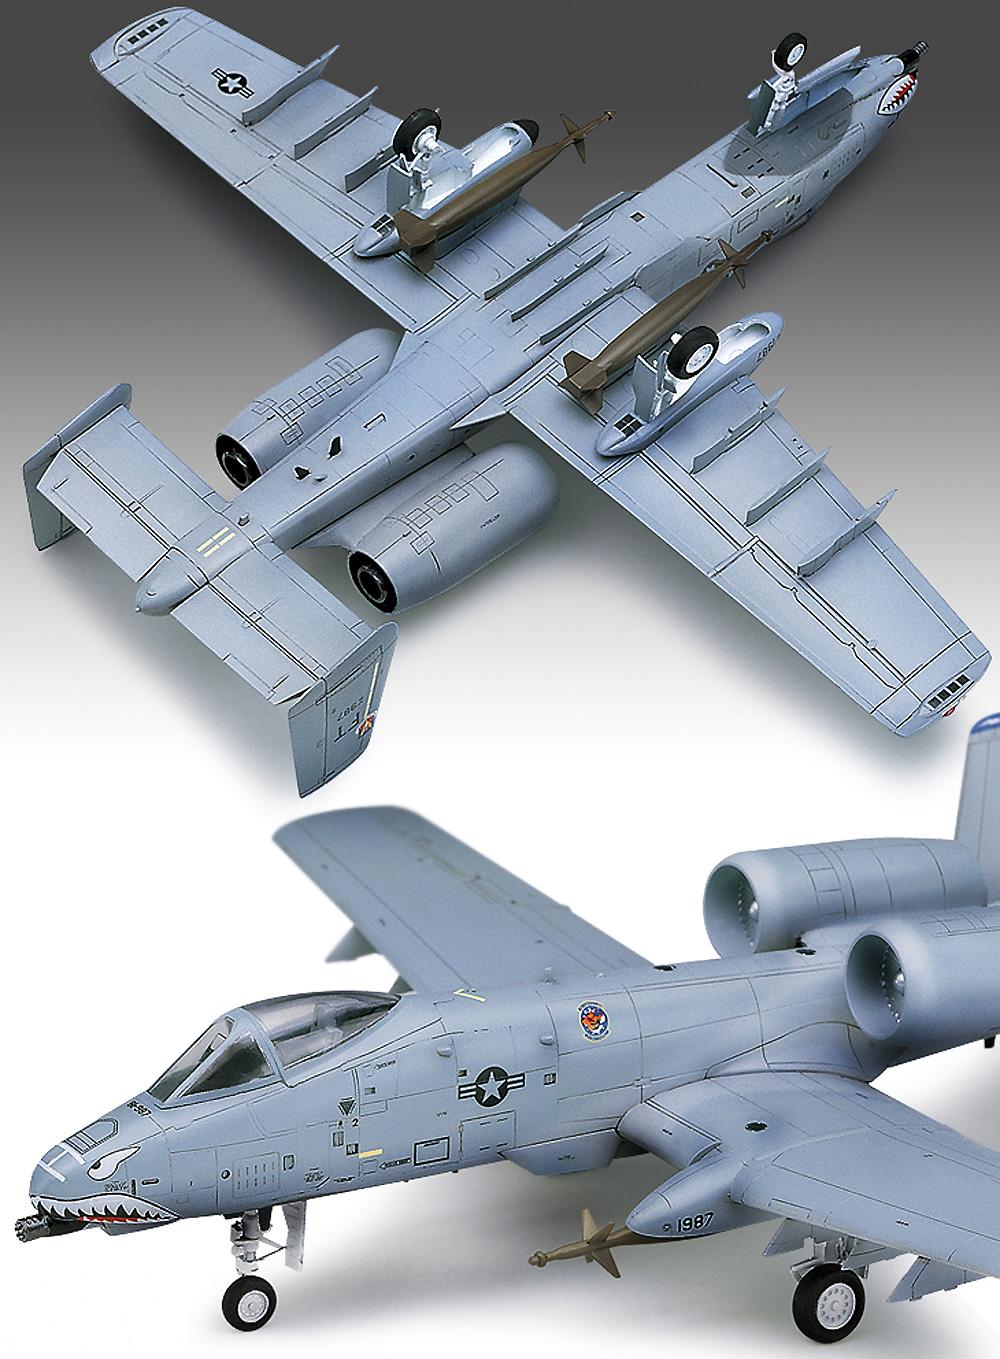 A-10A サンダーボルト 2 オペレーション イラキ フリーダムプラモデル(アカデミー1/72 AircraftsNo.12402)商品画像_4